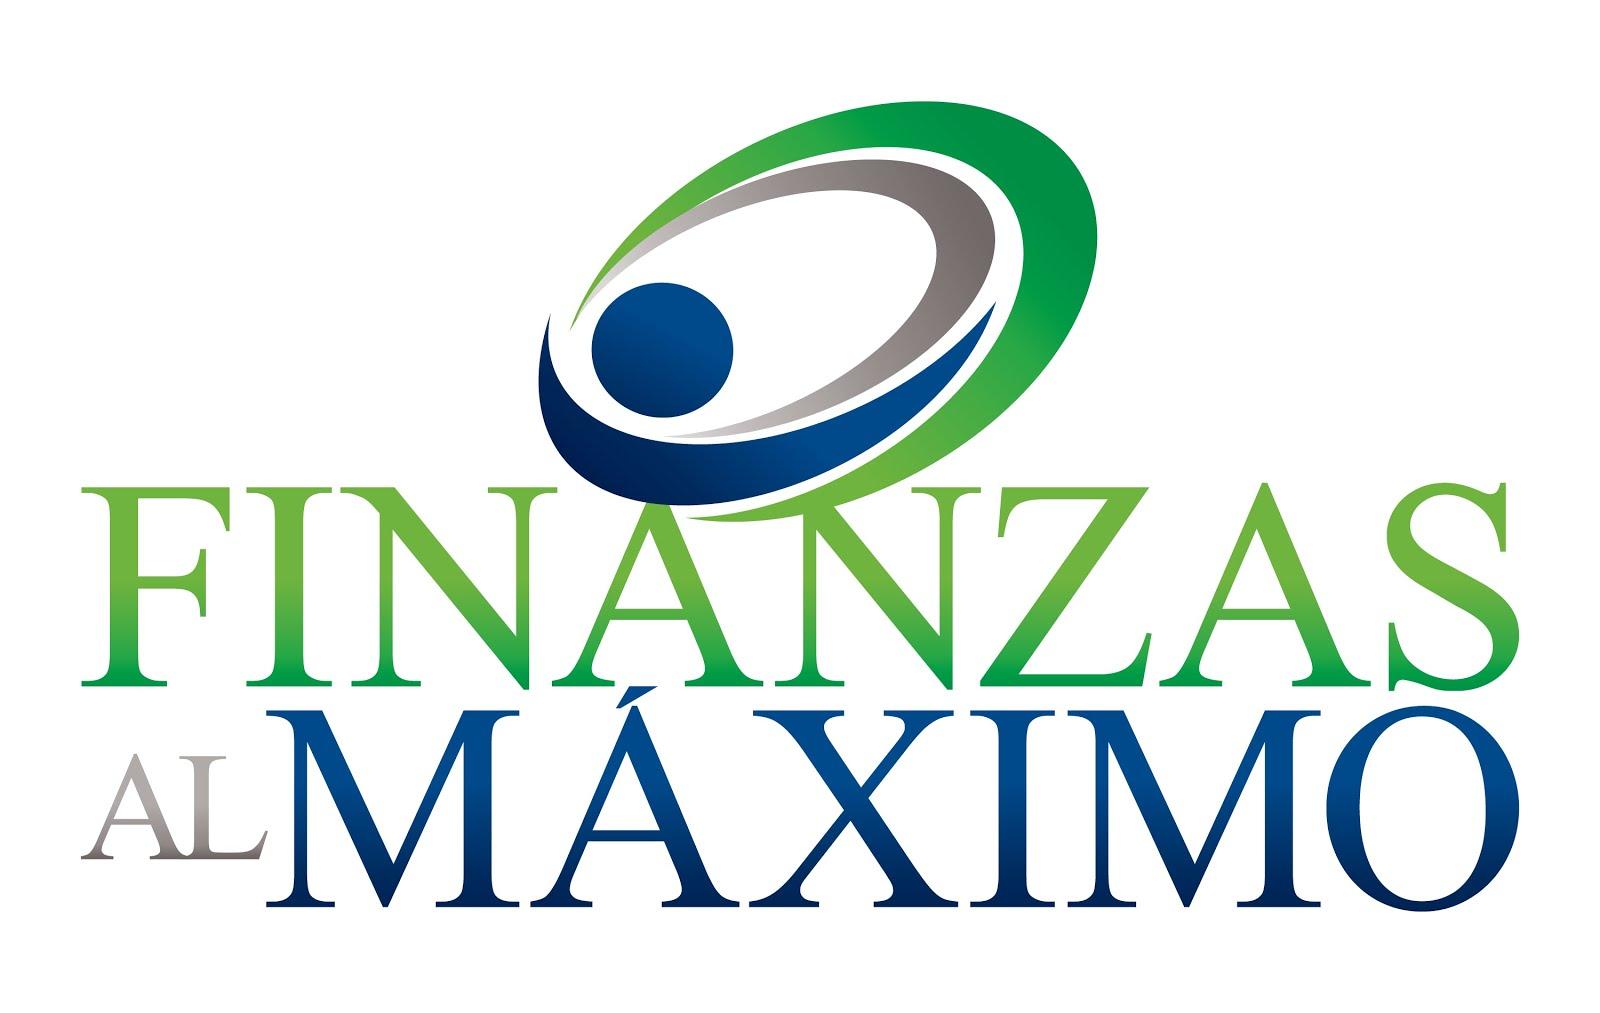 Conoce todo nuestro proyecto: www.finanzasalmaximo.com